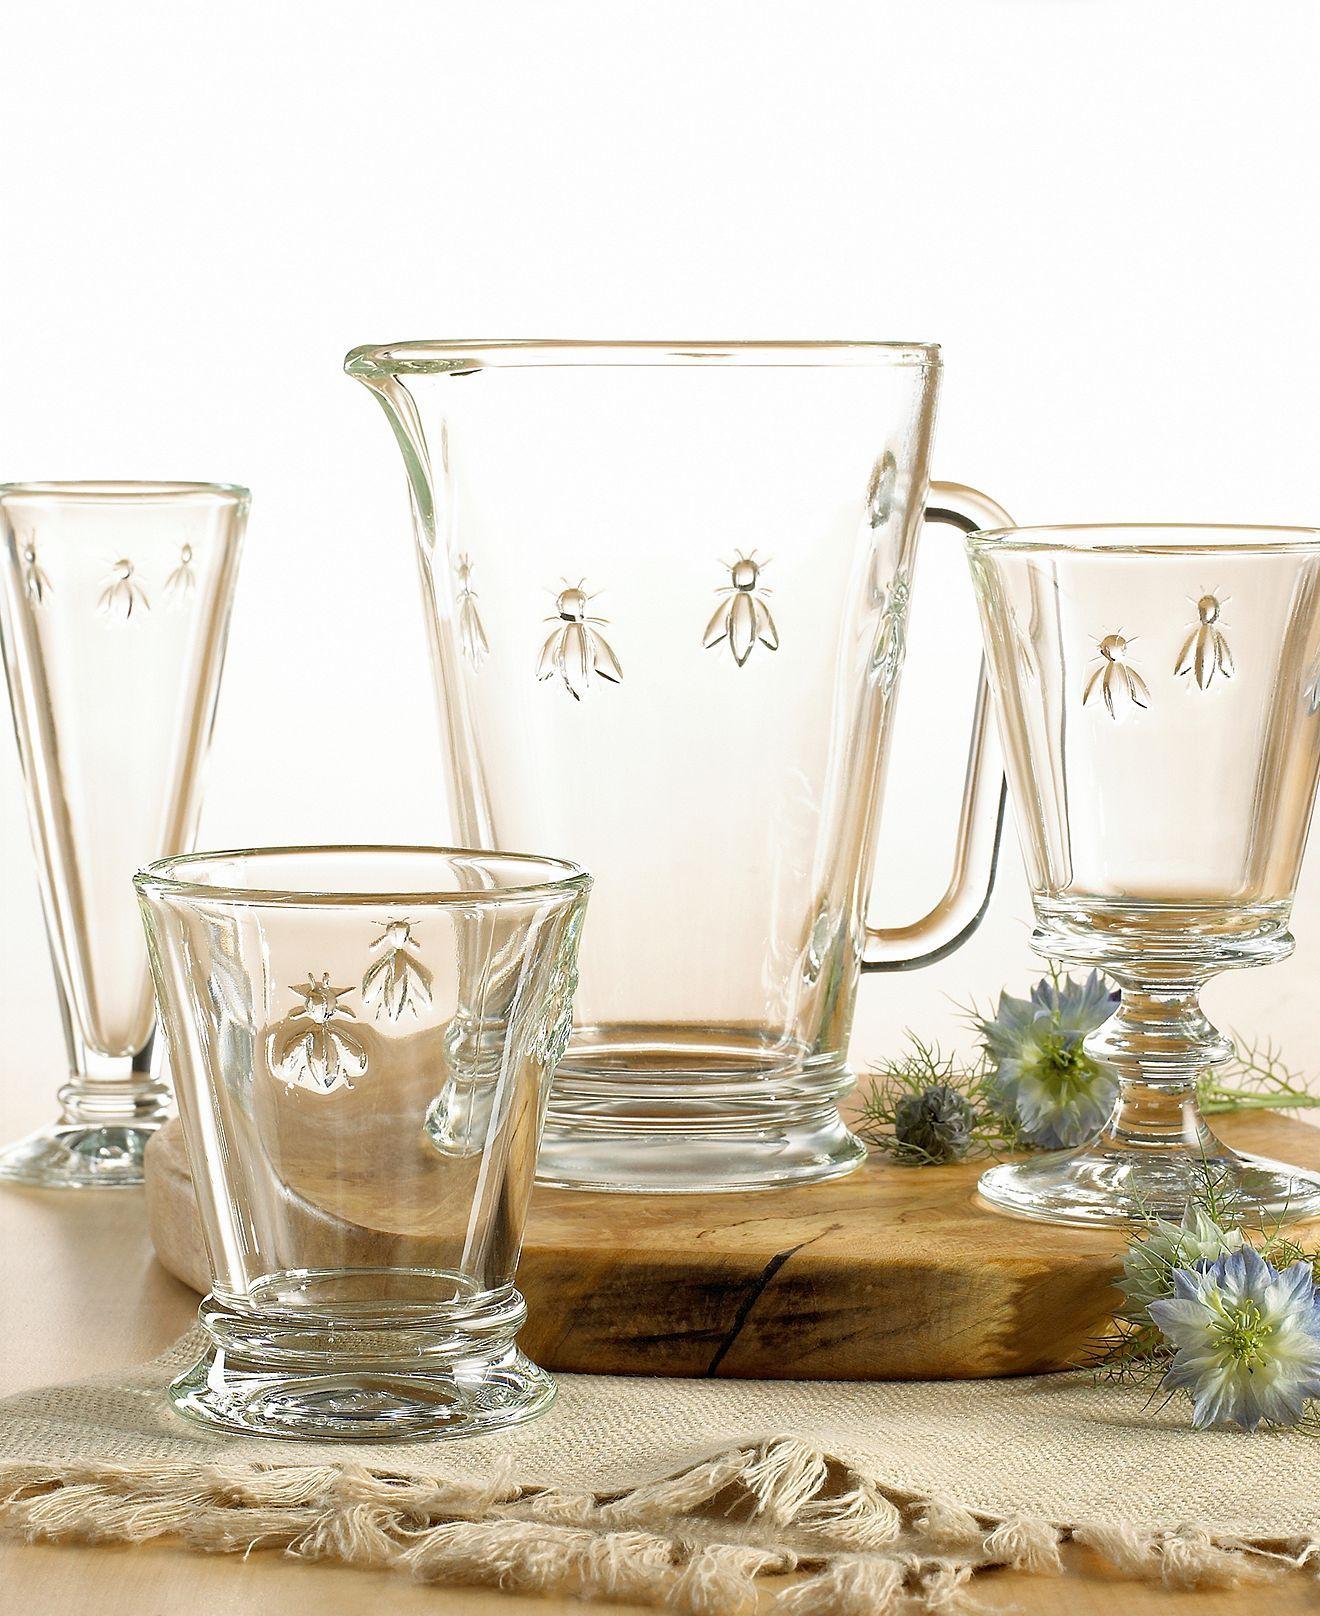 Afbeeldingsresultaat voor glassware french house